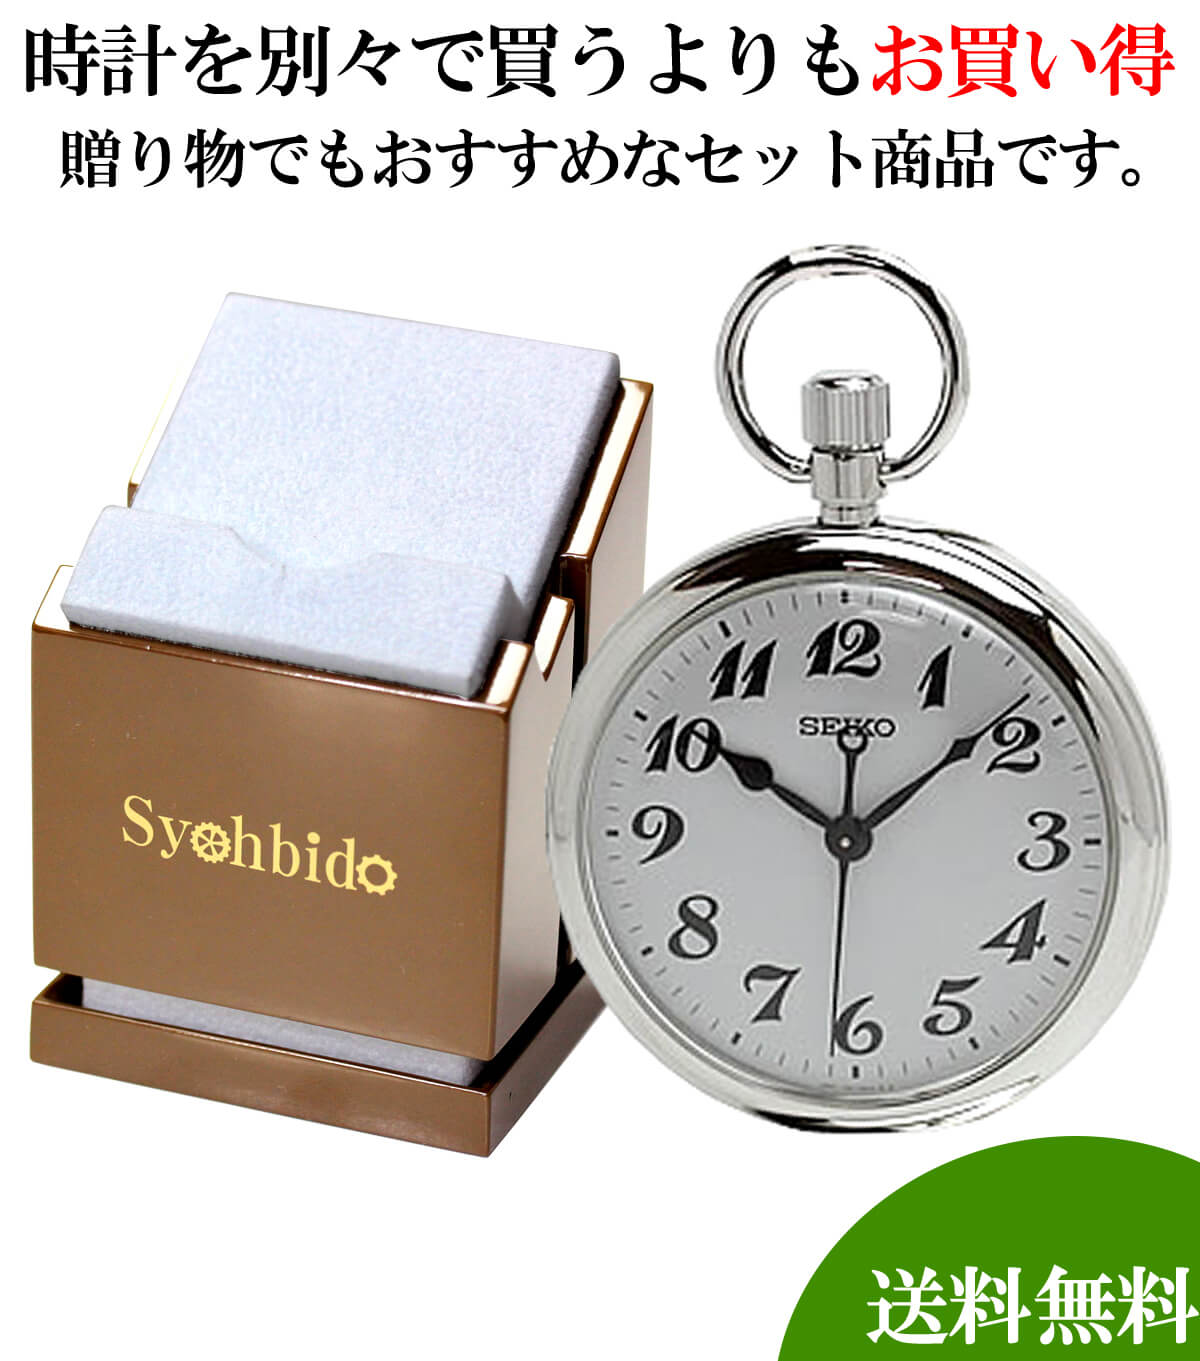 懐中時計と懐中時計専用スタンドのセット svbr003